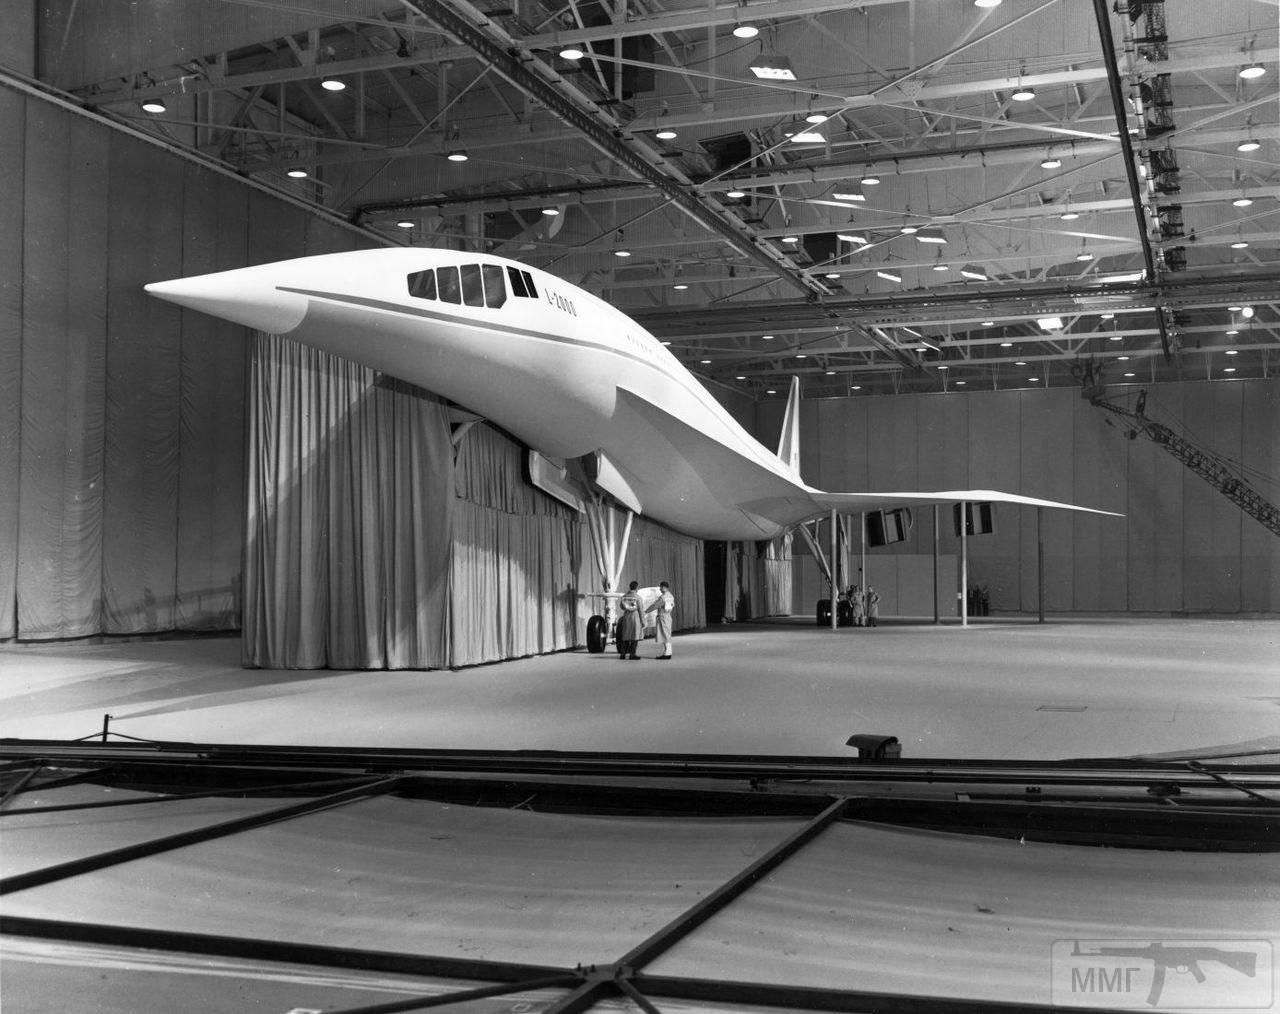 83556 - Фотографии гражданских летательных аппаратов